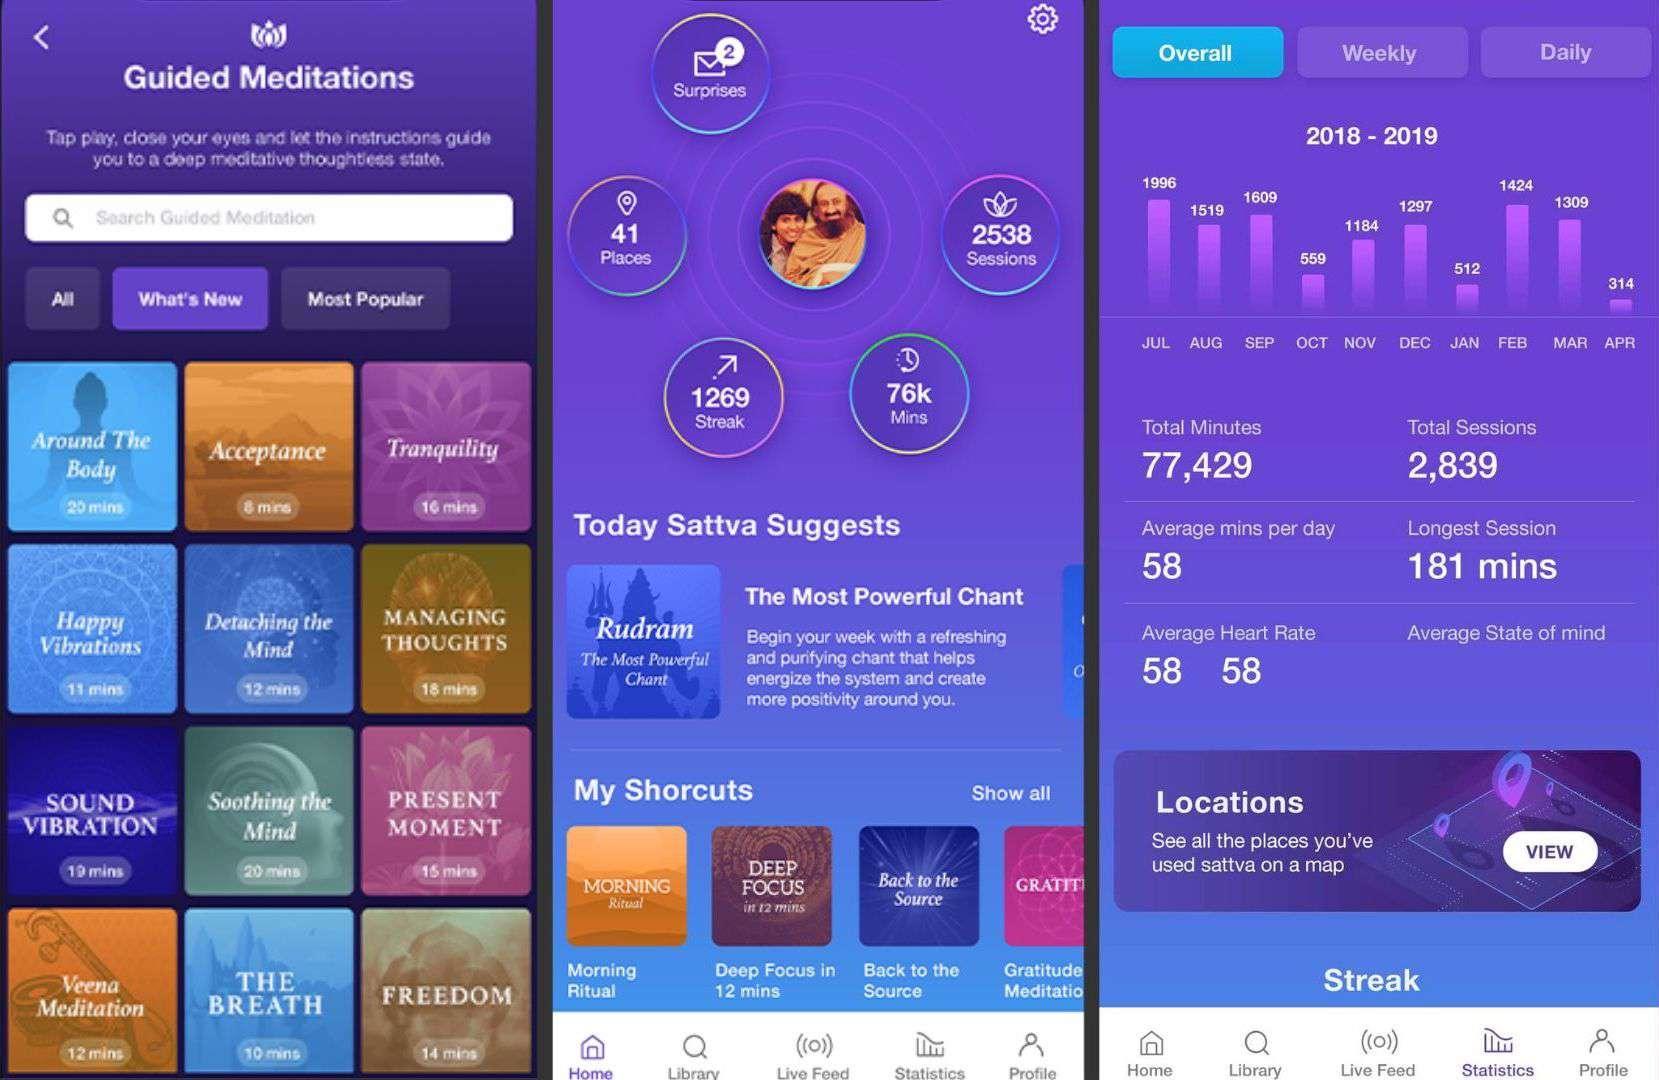 Three screenshots of the Sattva app.